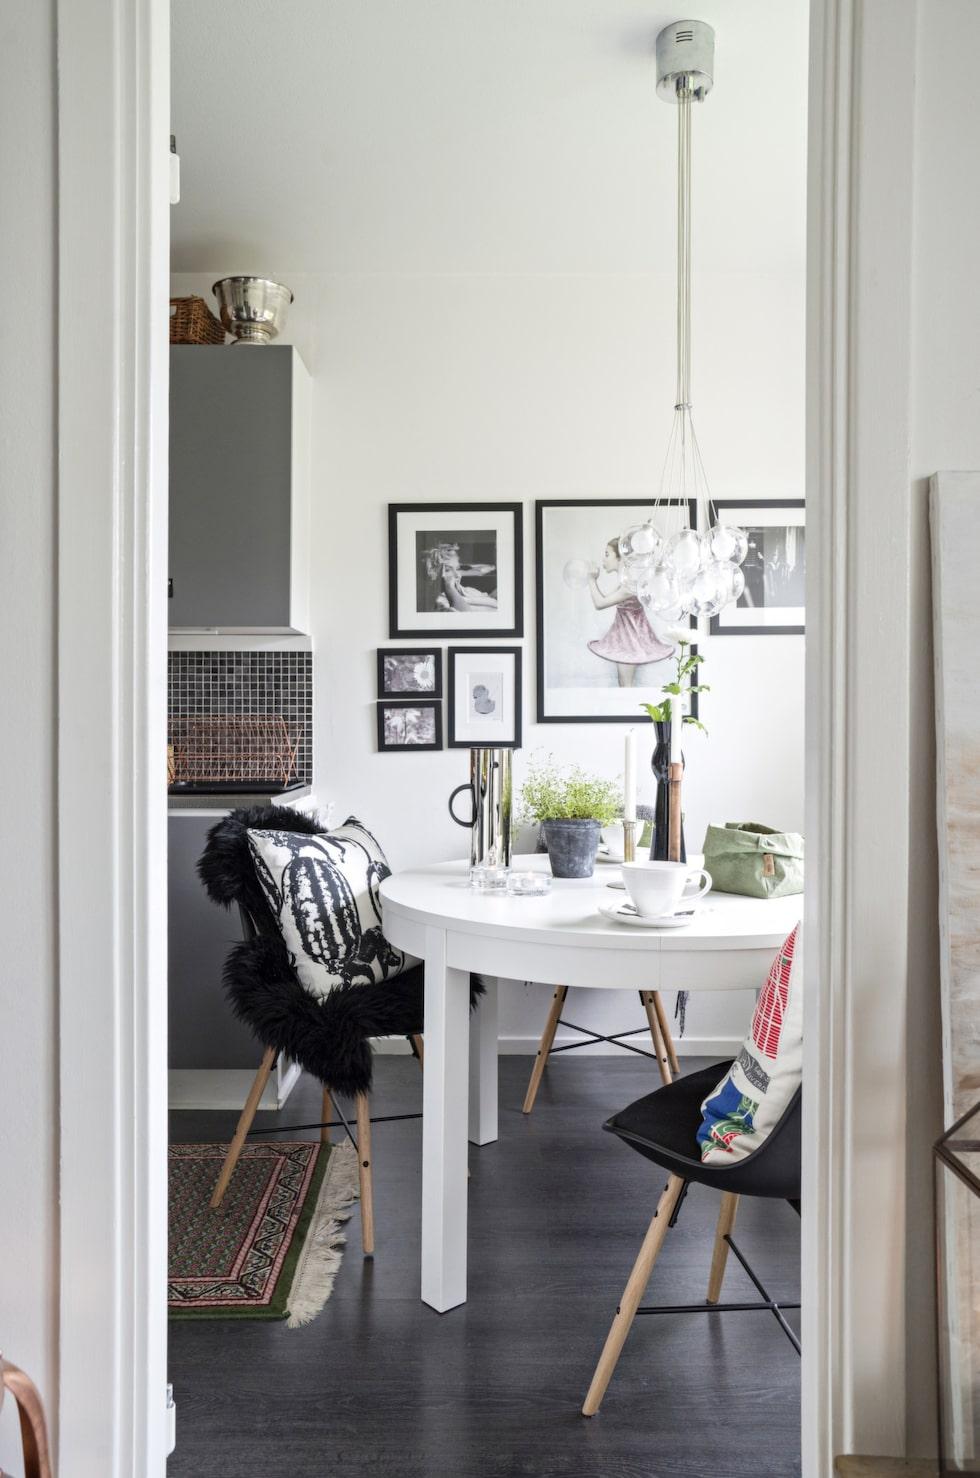 Matplatsen har inretts med bekväma stolar fyllda med kuddar och plädar i härliga färger. Det vita bordet kommer från Ikea, stolarna från Jysk, taklampan från The sofa store. Tavlor från Fotografiska och Mio, samt egna svartvita fotografier.